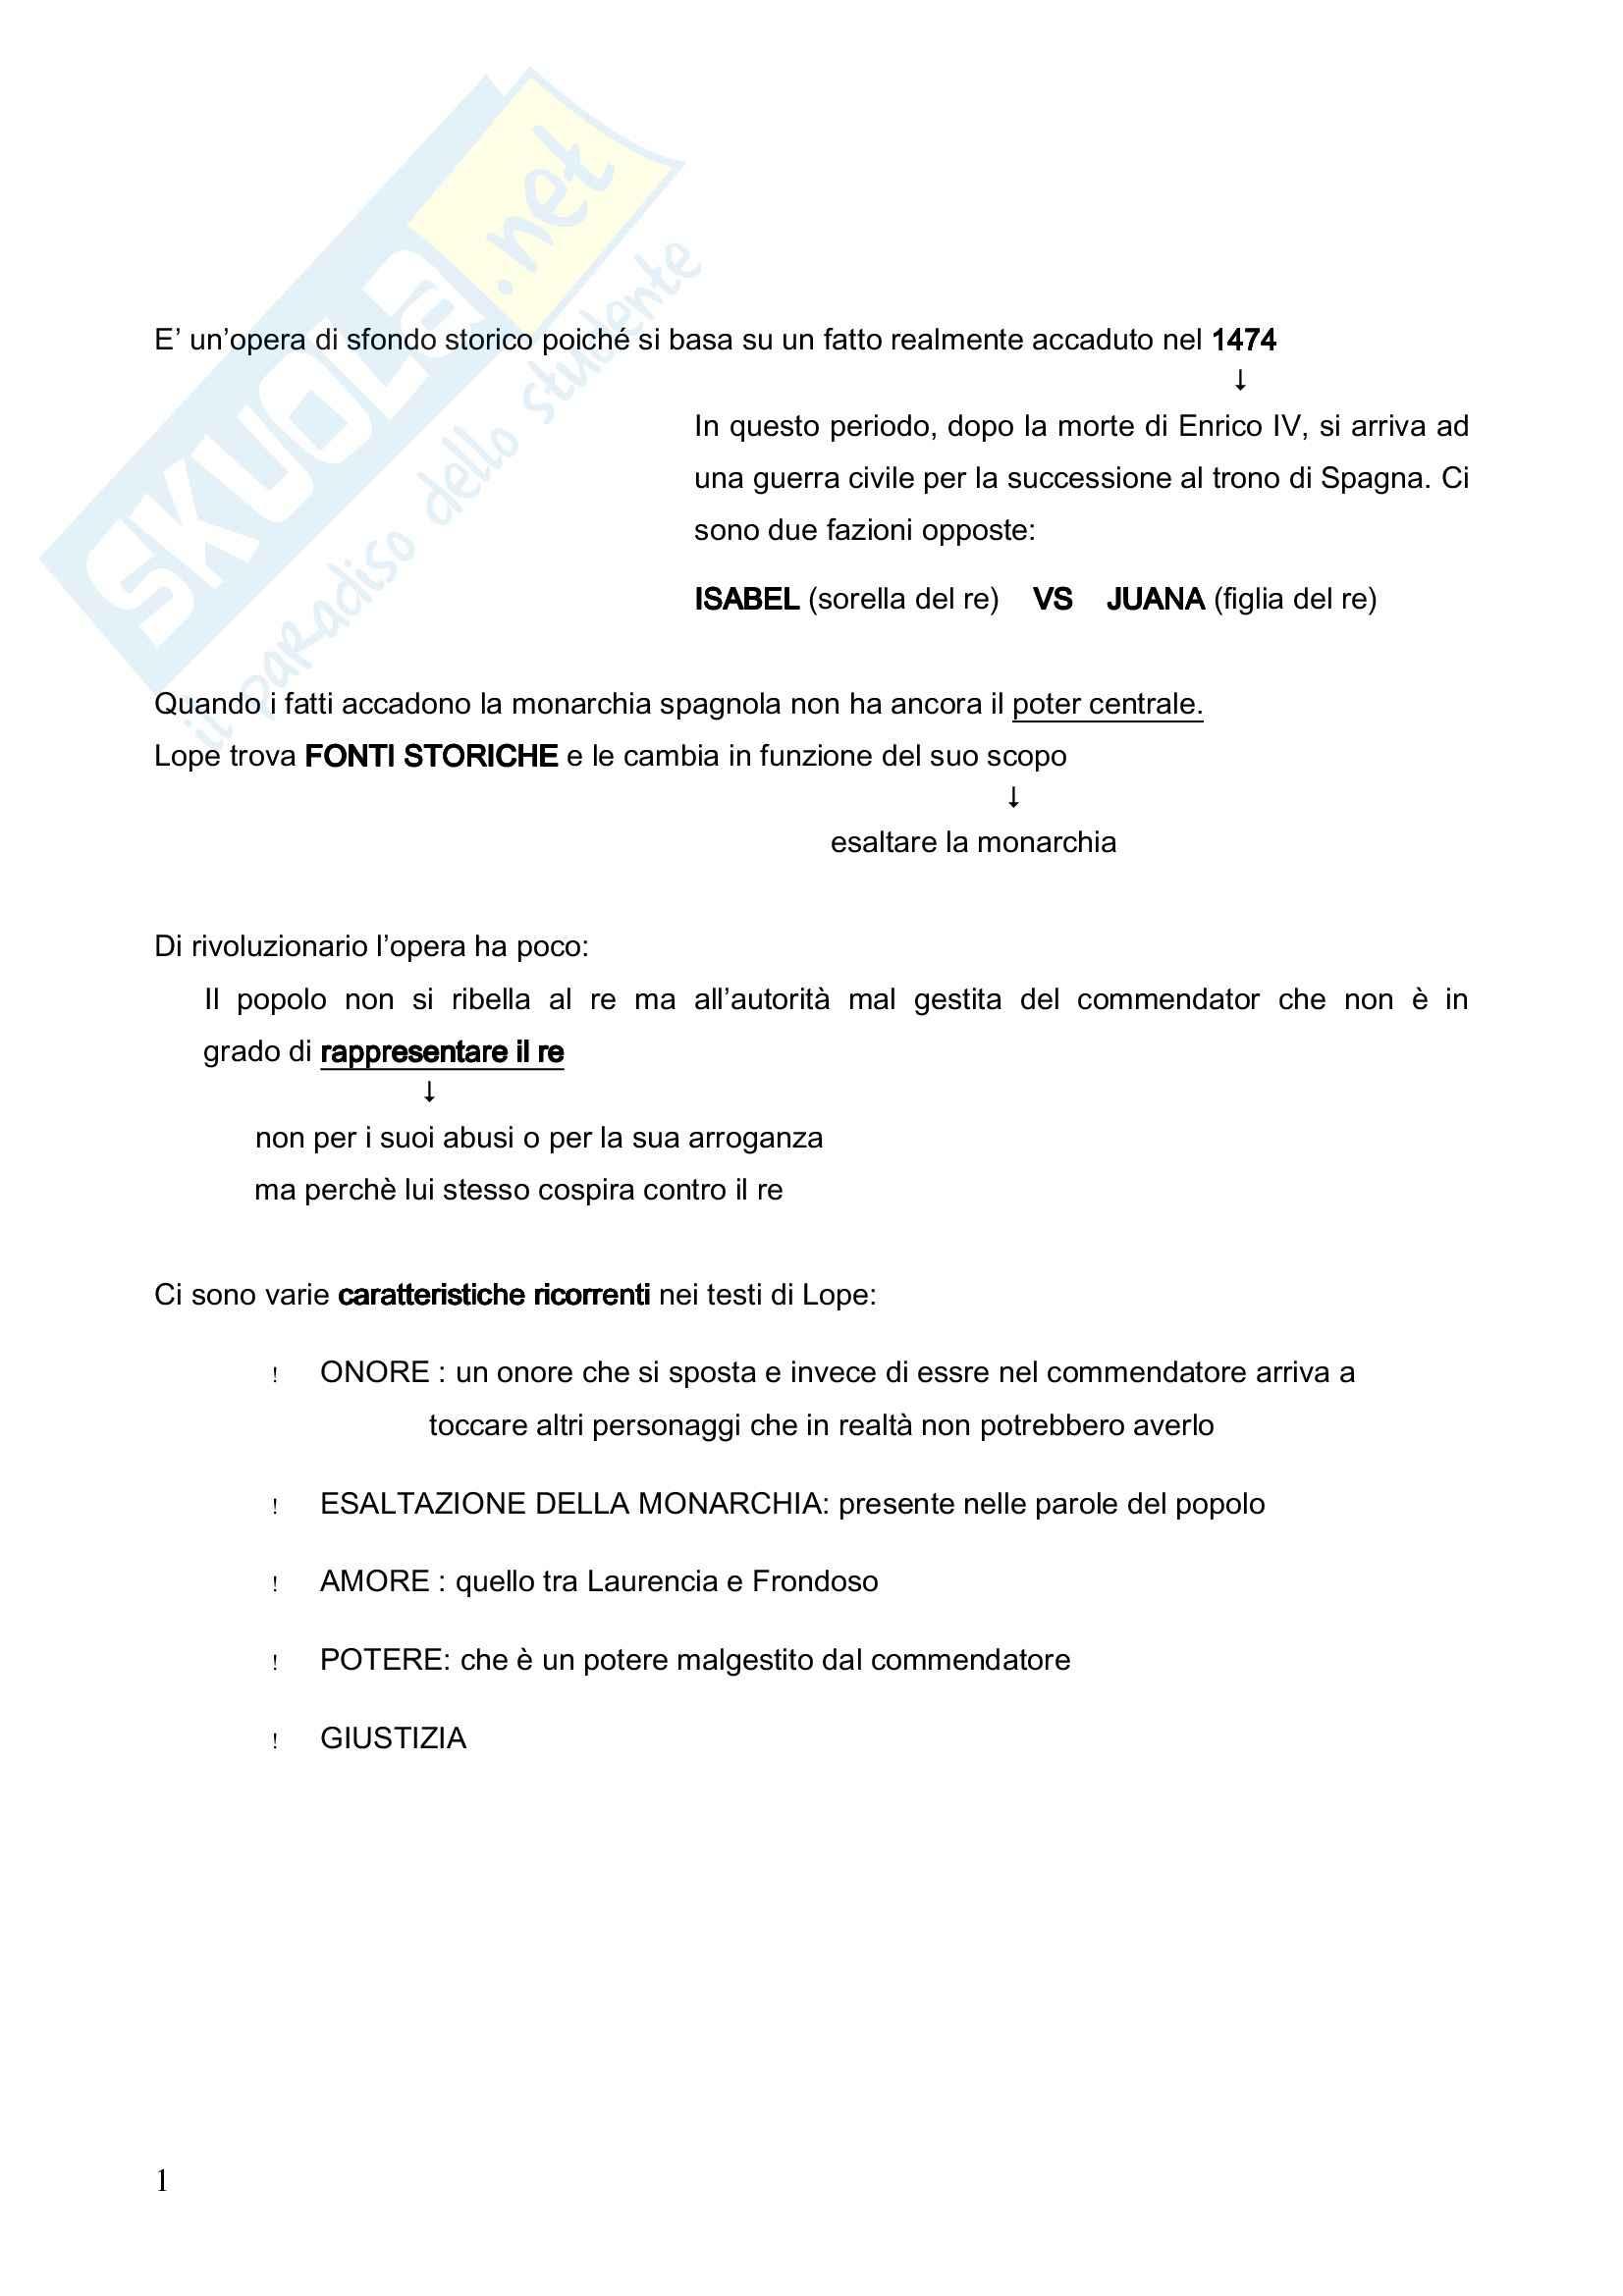 Riassunto esame Letteratura Spagnola, prof. Crippa, libro consigliato Fuente Ovejuna di De Vega